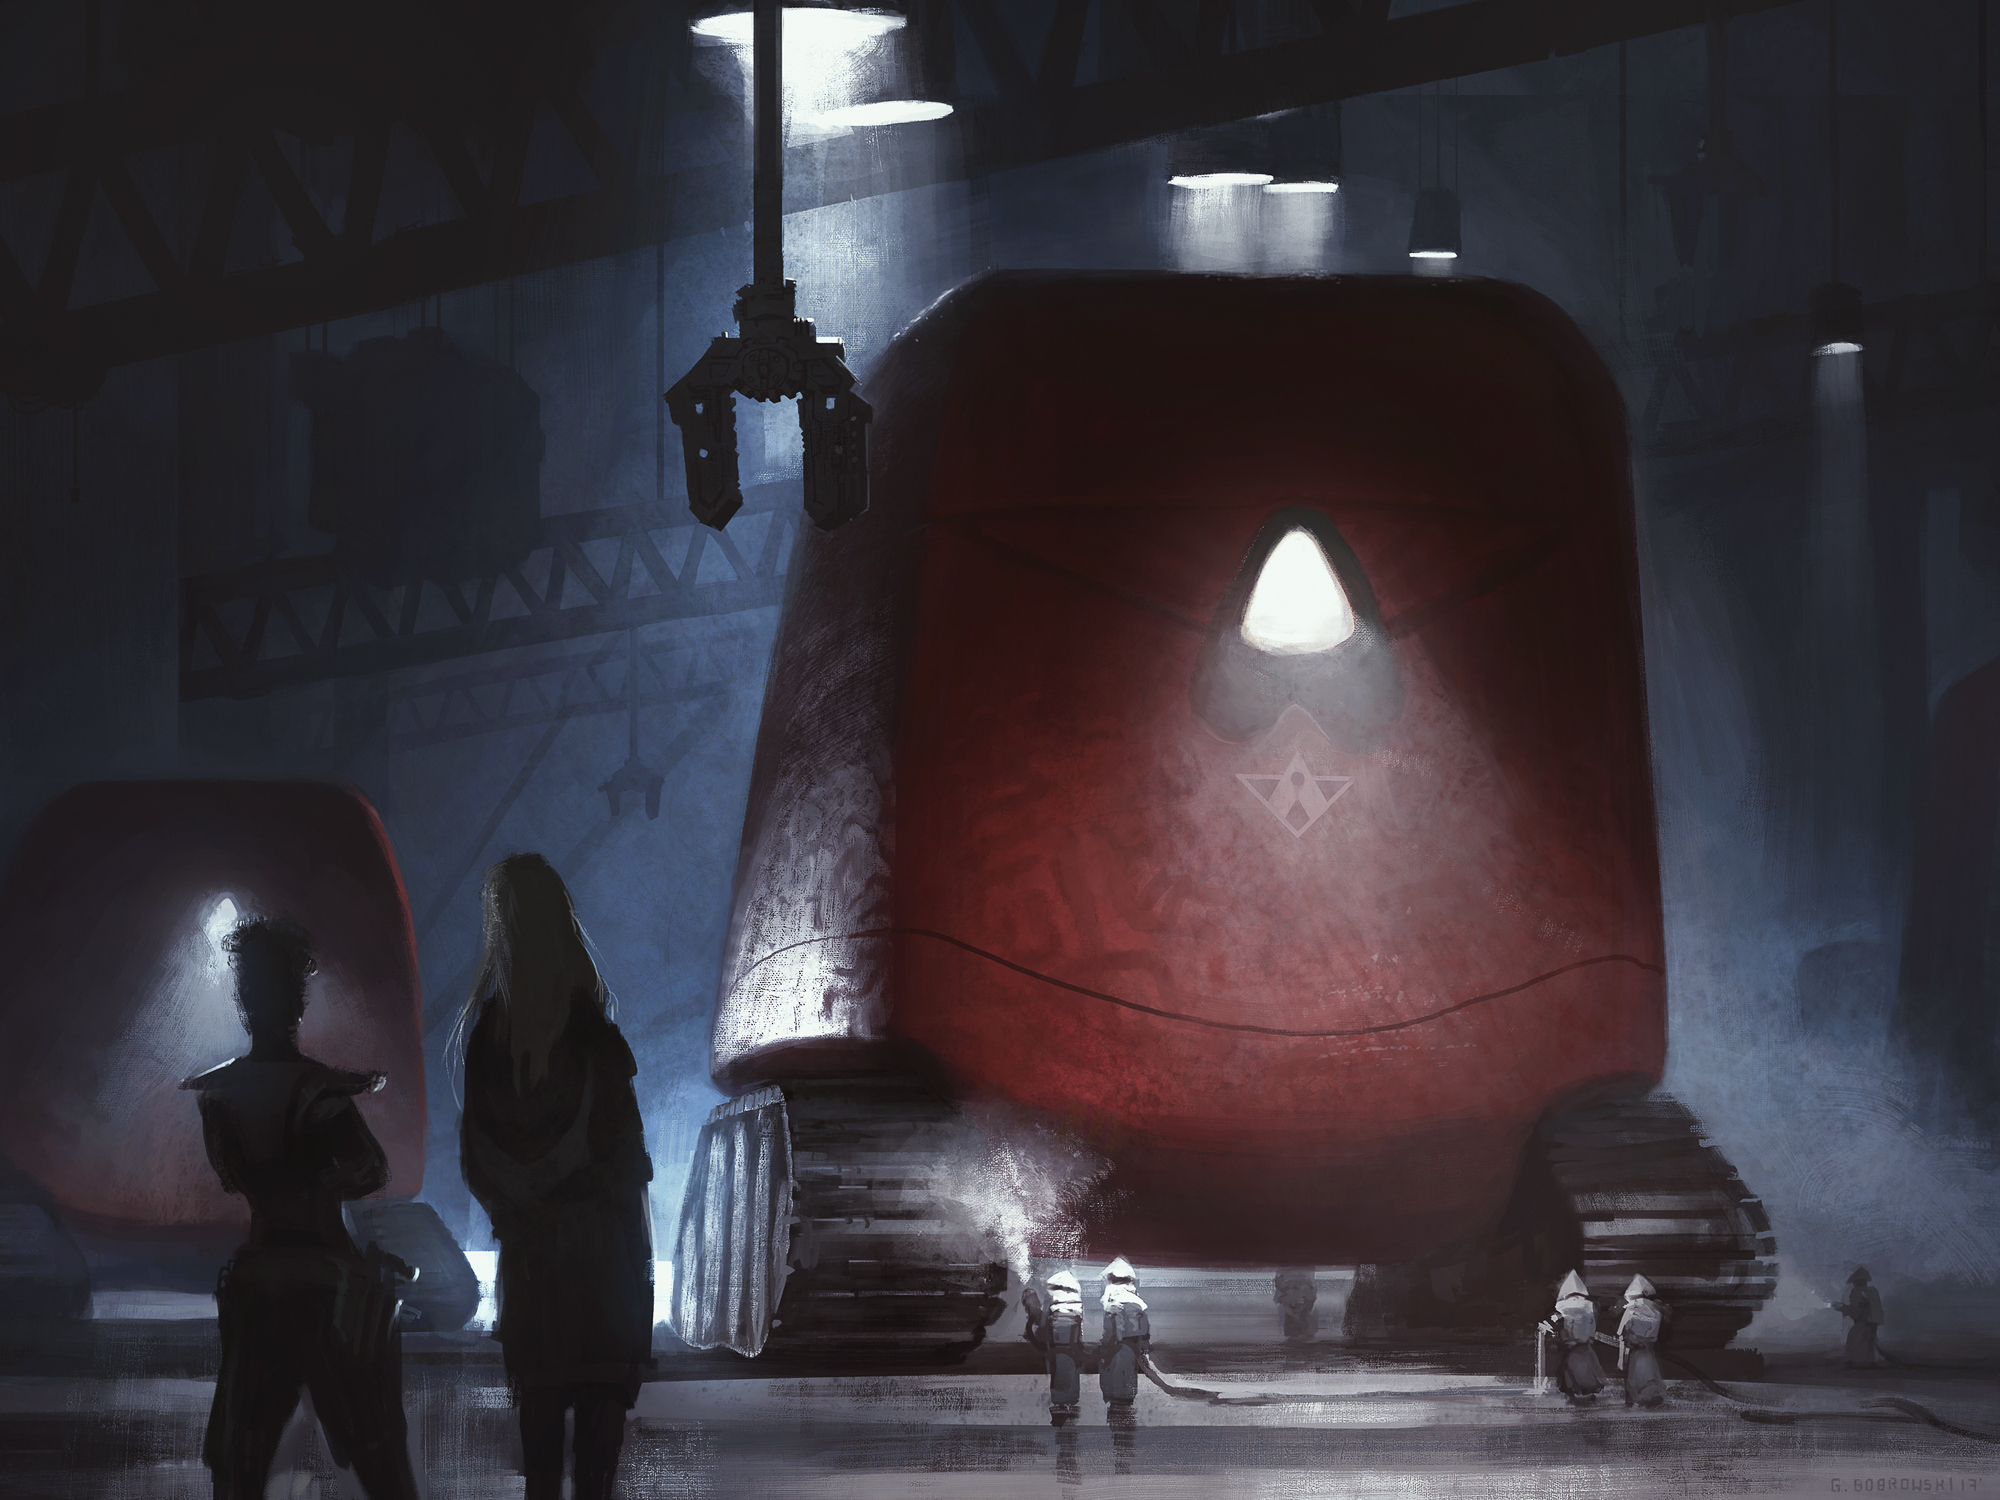 War Shell Factory Artwork by Grzegorz Bobrowski